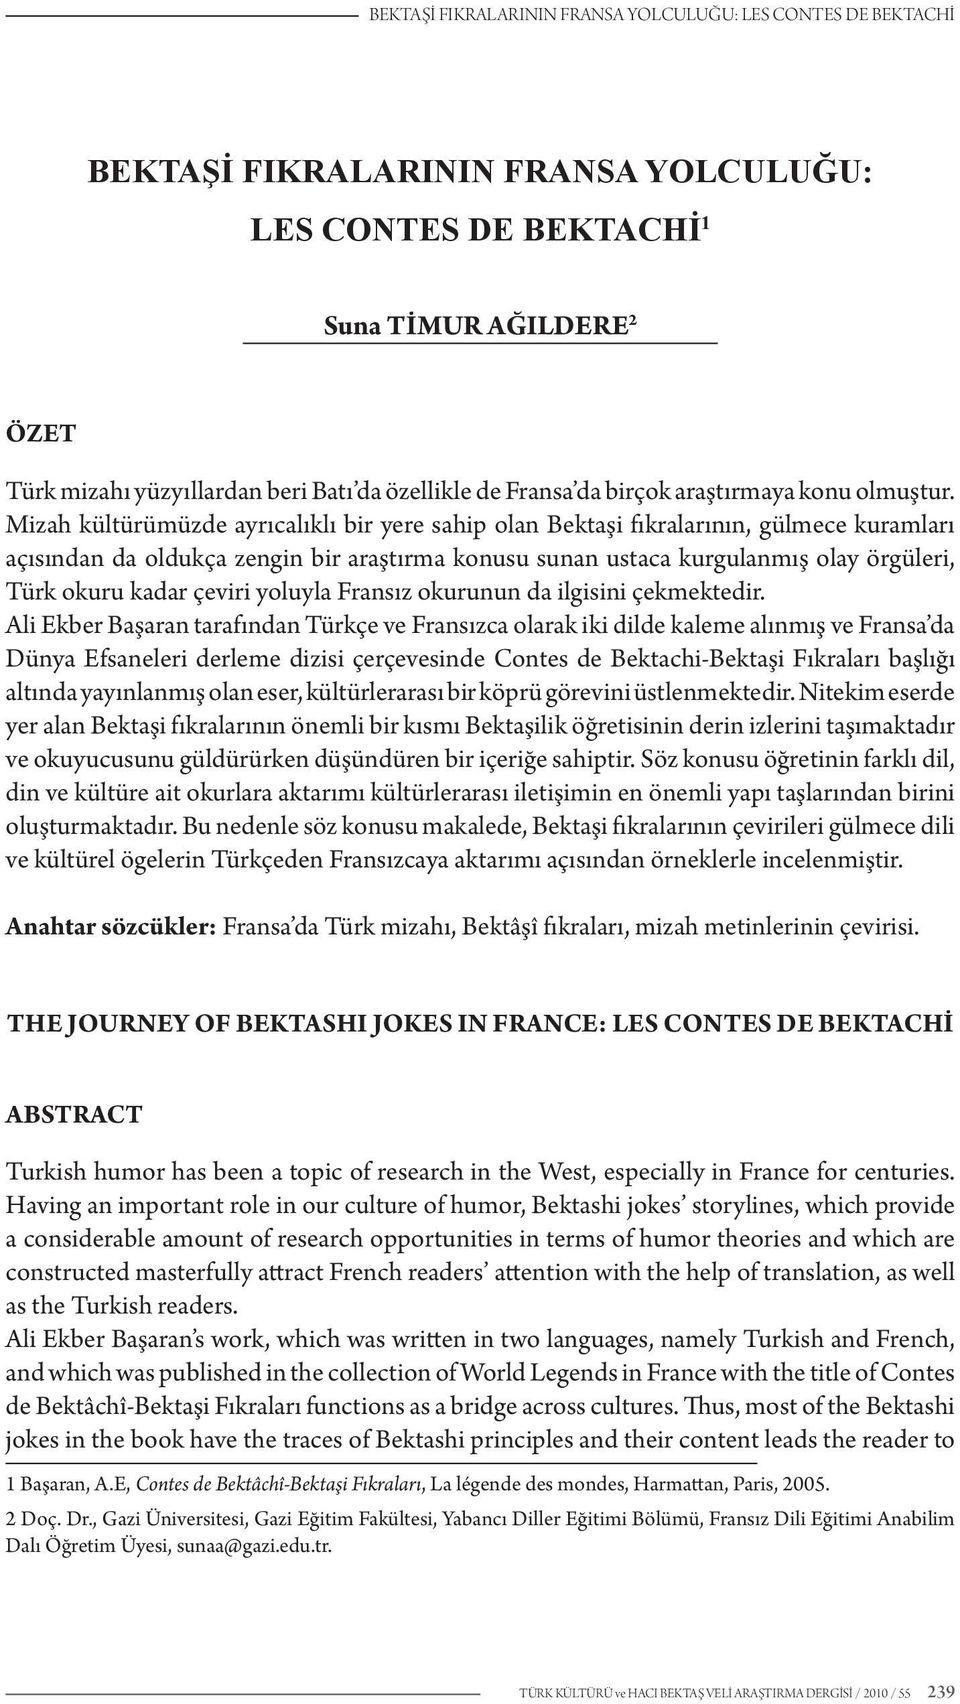 Bektaşi Fikralarinin Fransa Yolculuğu: Les Contes De ... avec Jarre De Jardin